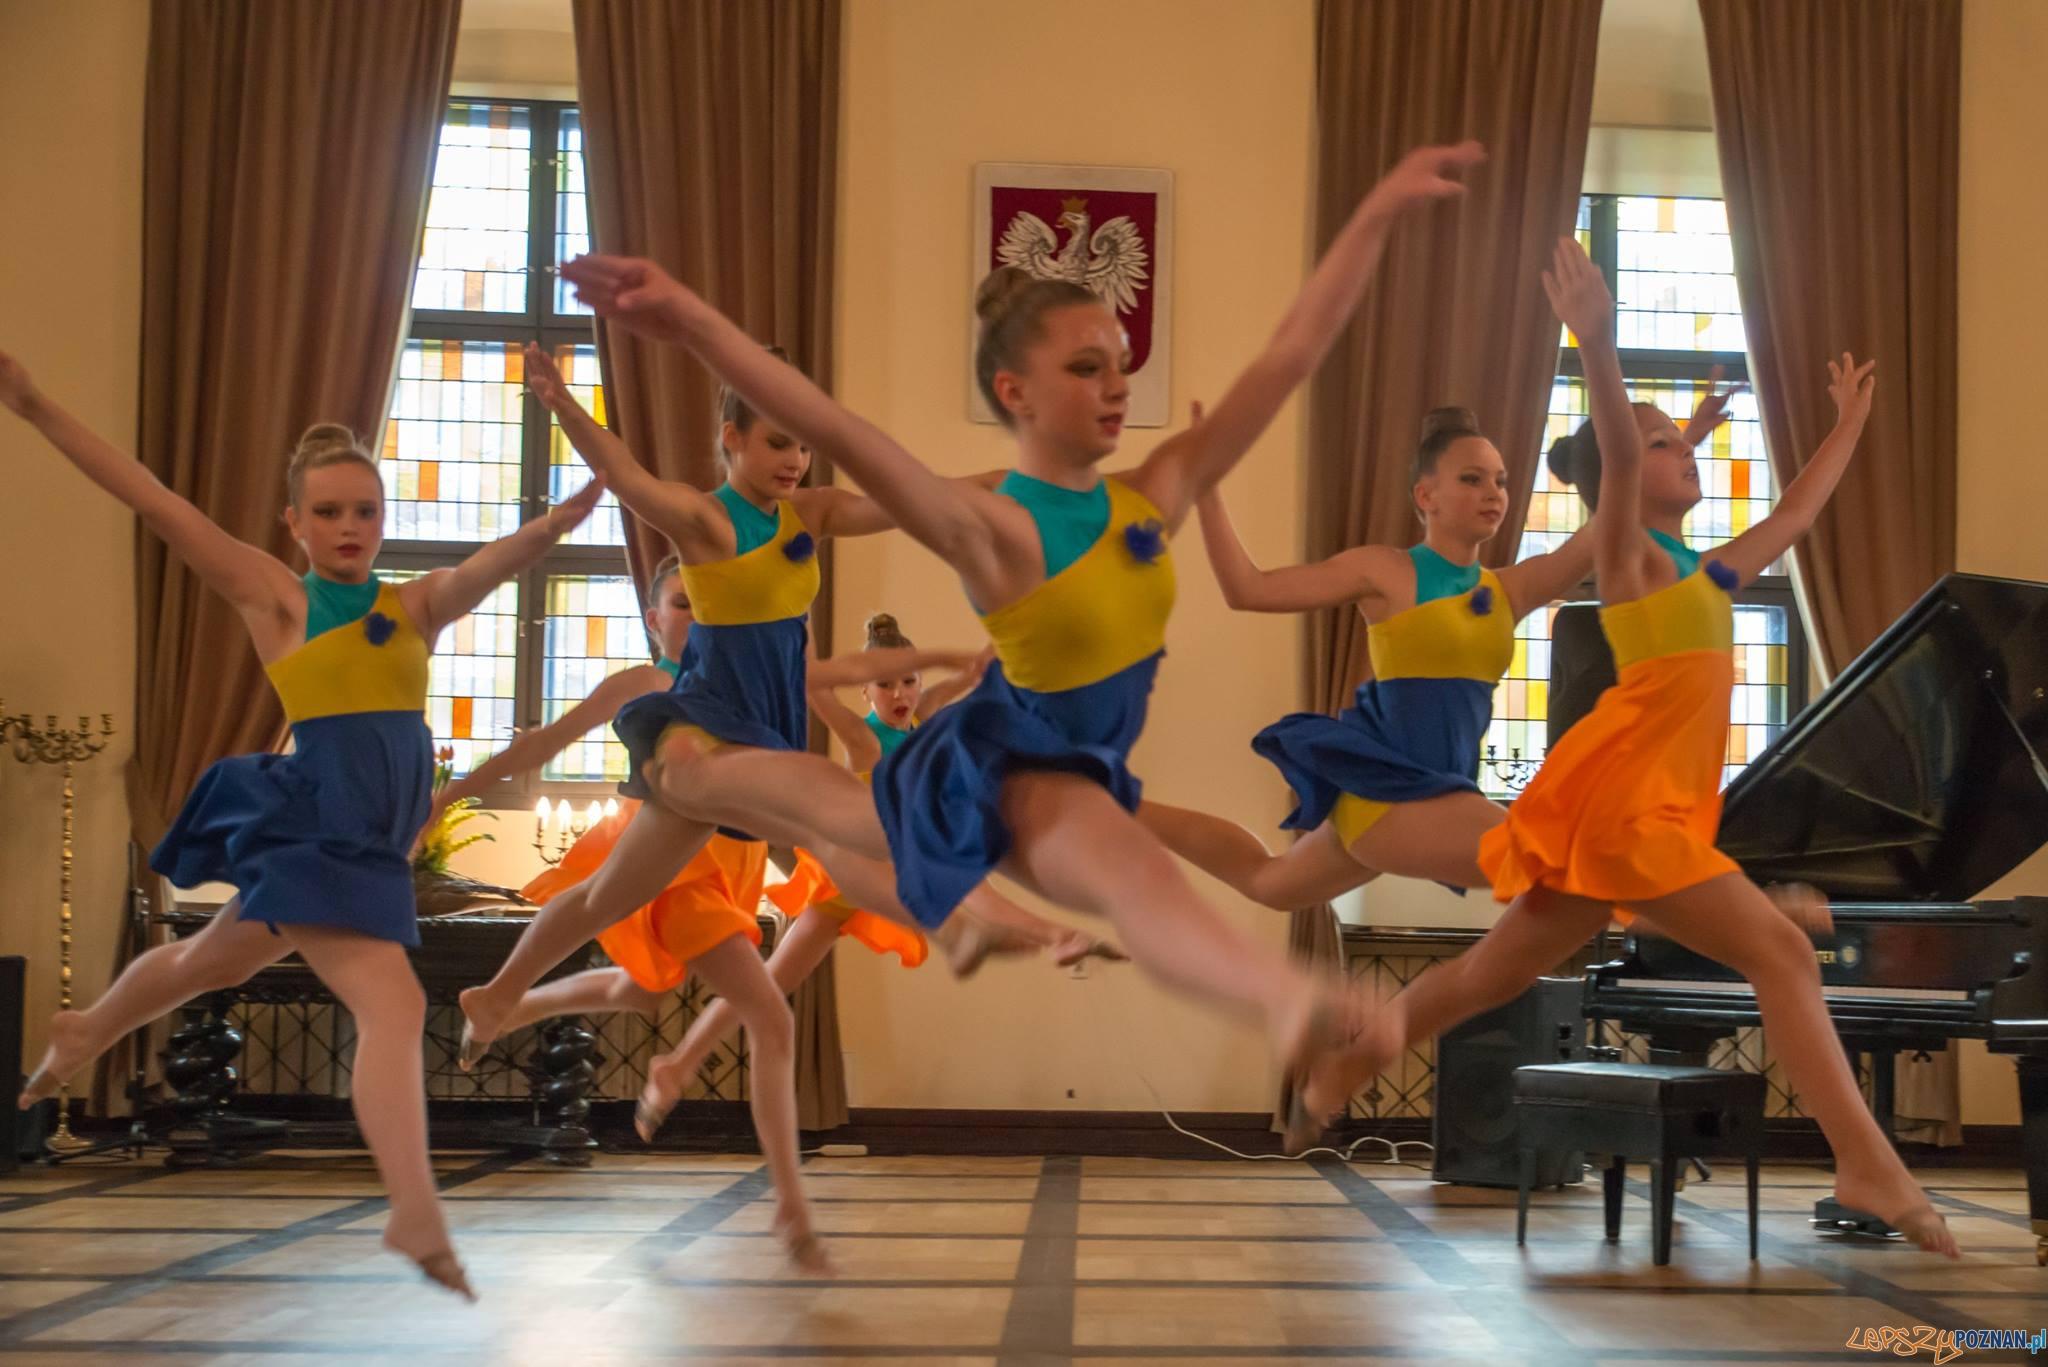 Występy młodzieży w Wadze Miejskiej (3)  Foto: Stowarzyszenie Waga